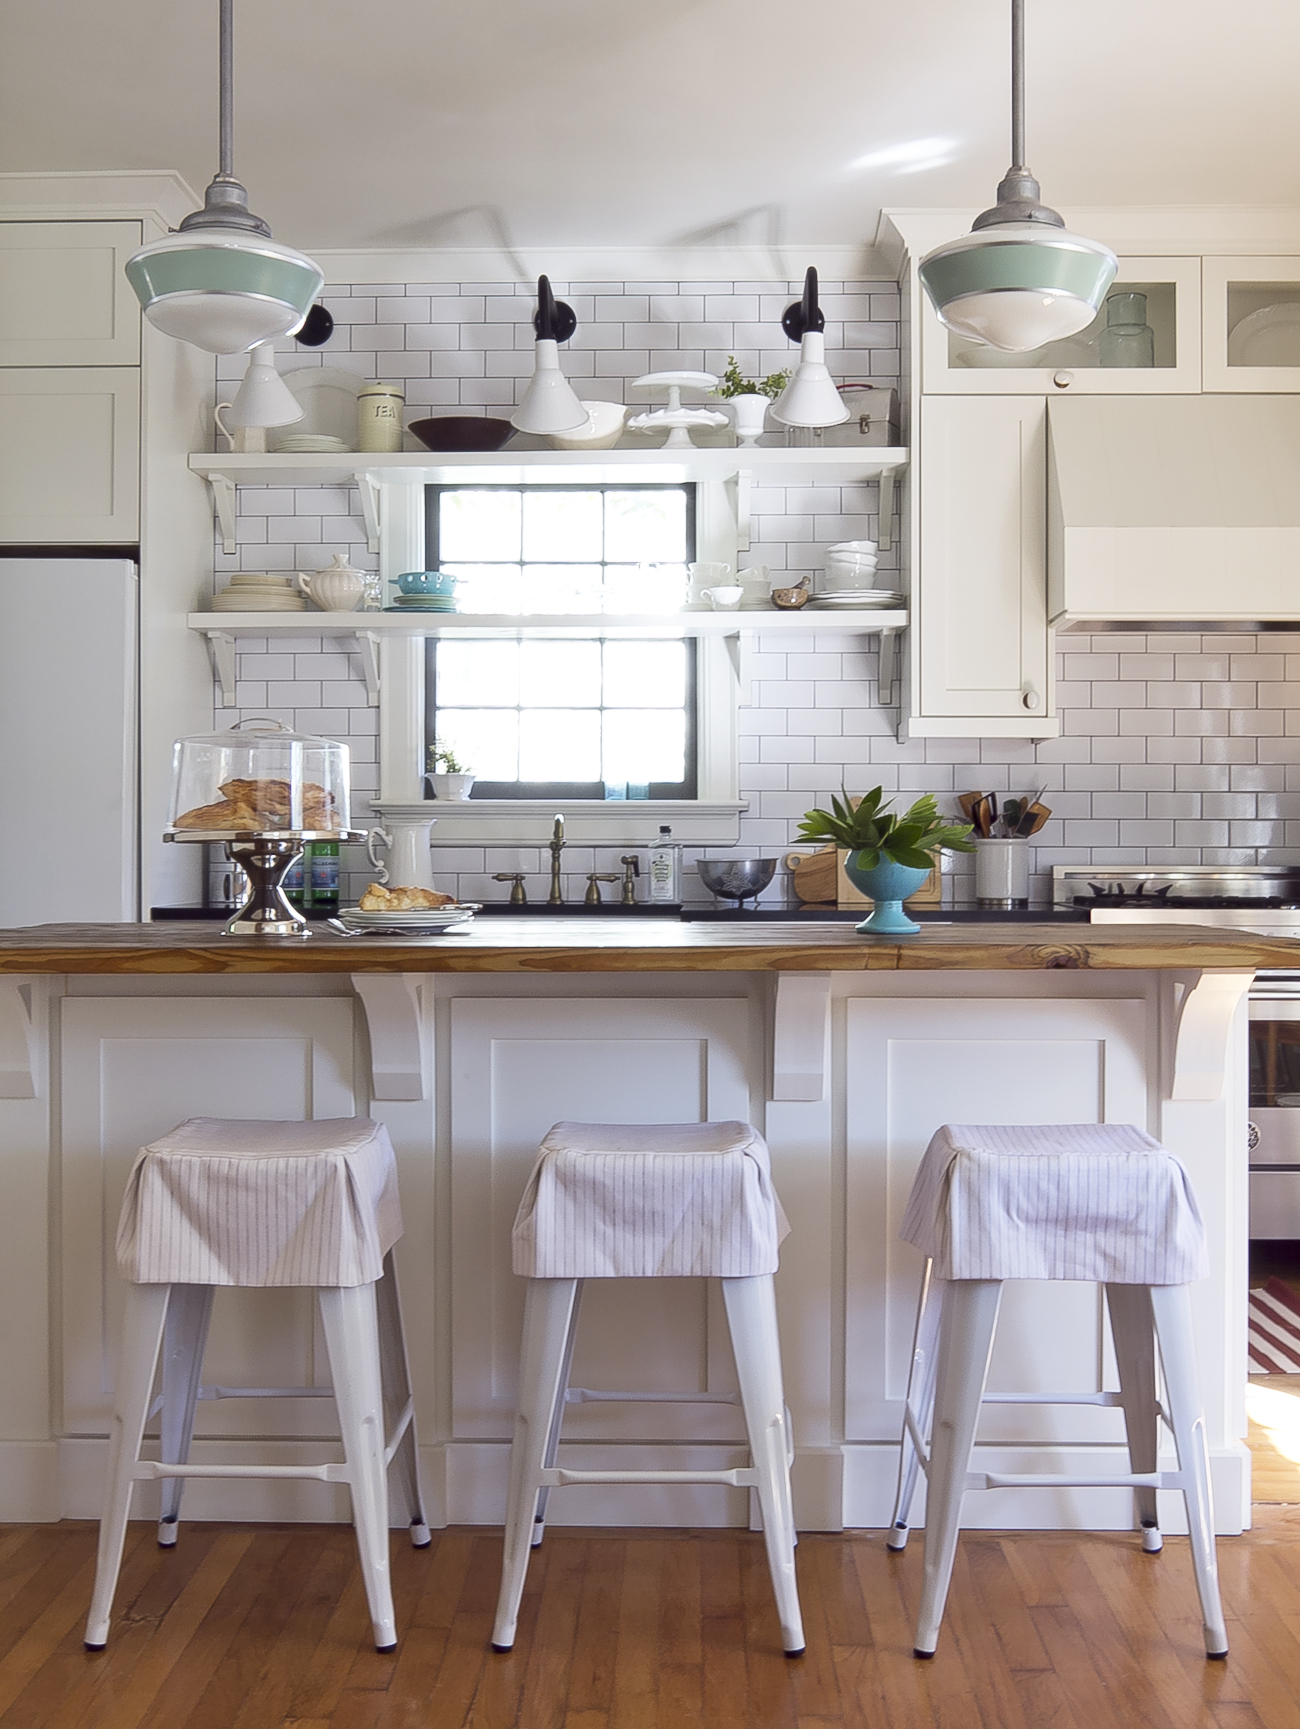 decatur kitchen 2.jpg